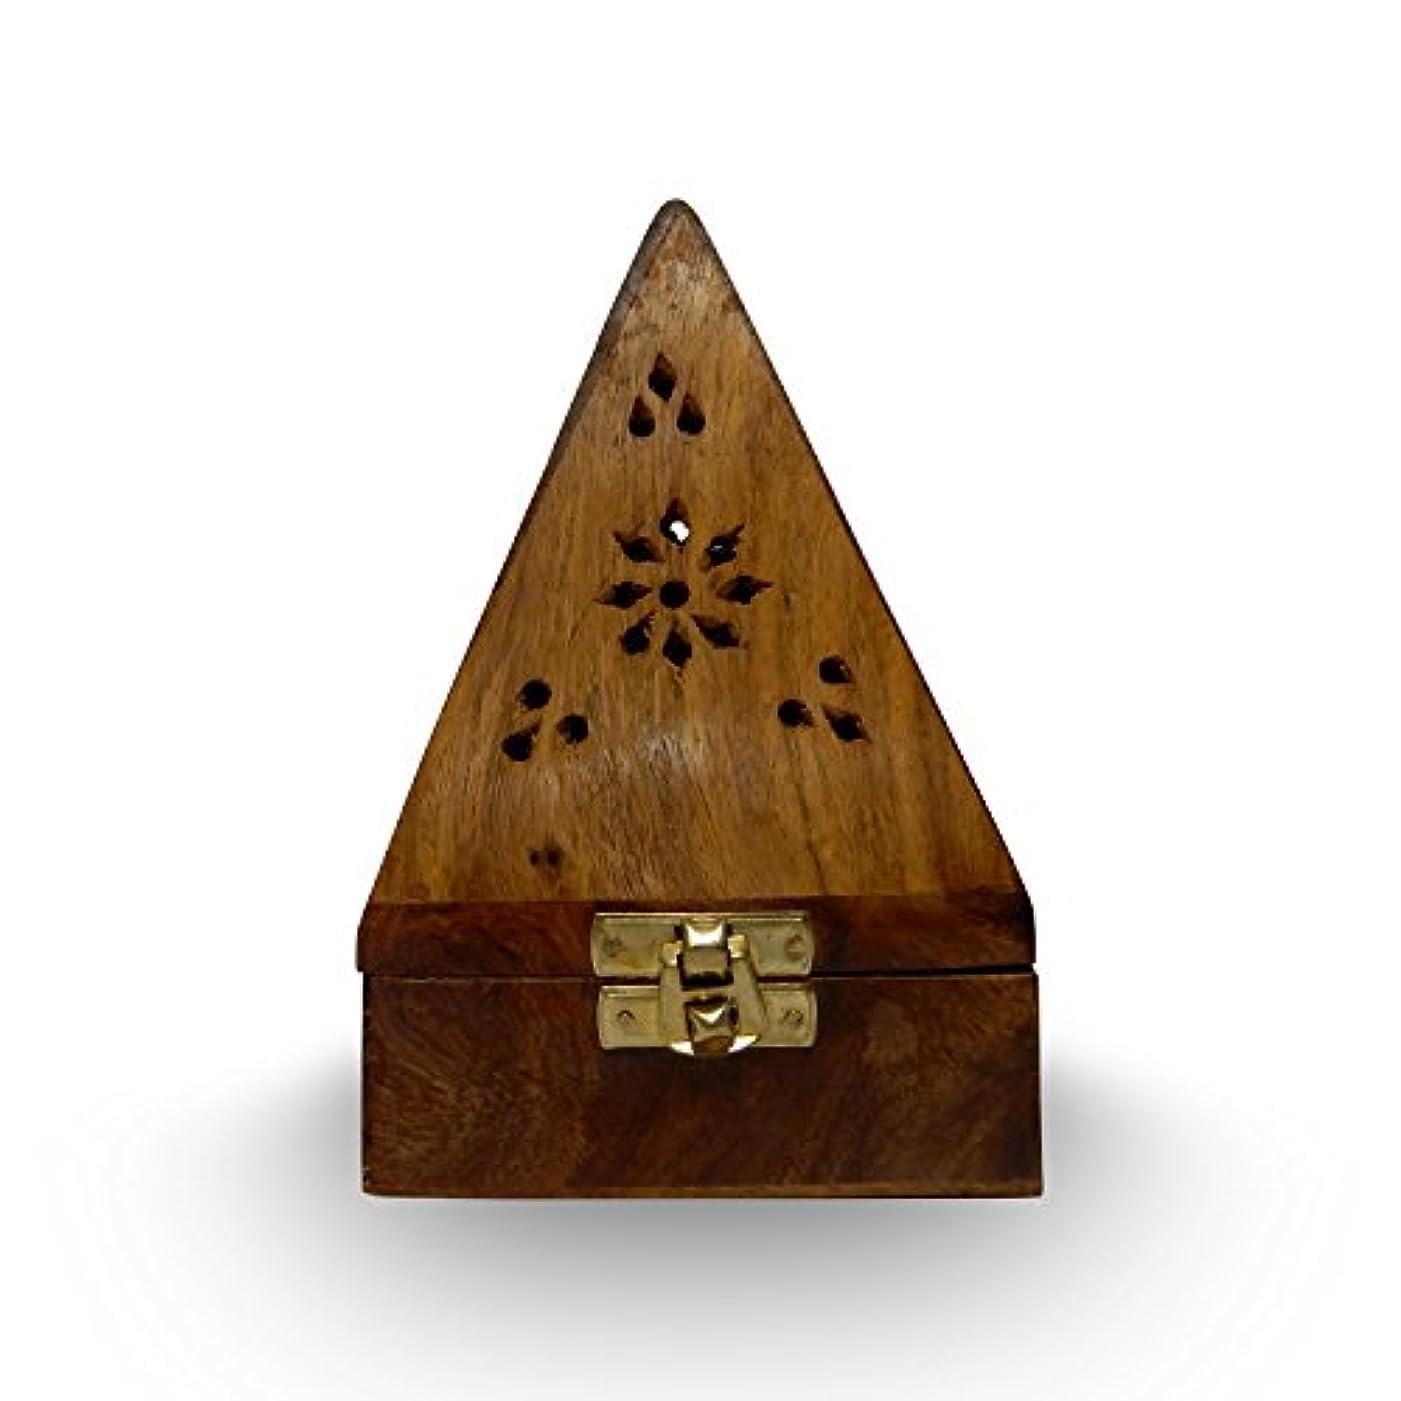 アサート明確な慢木製クラシックピラミッドスタイルBurner ( Dhoopホルダー) with Base正方形とトップ円錐形状、木製香炉ボックス